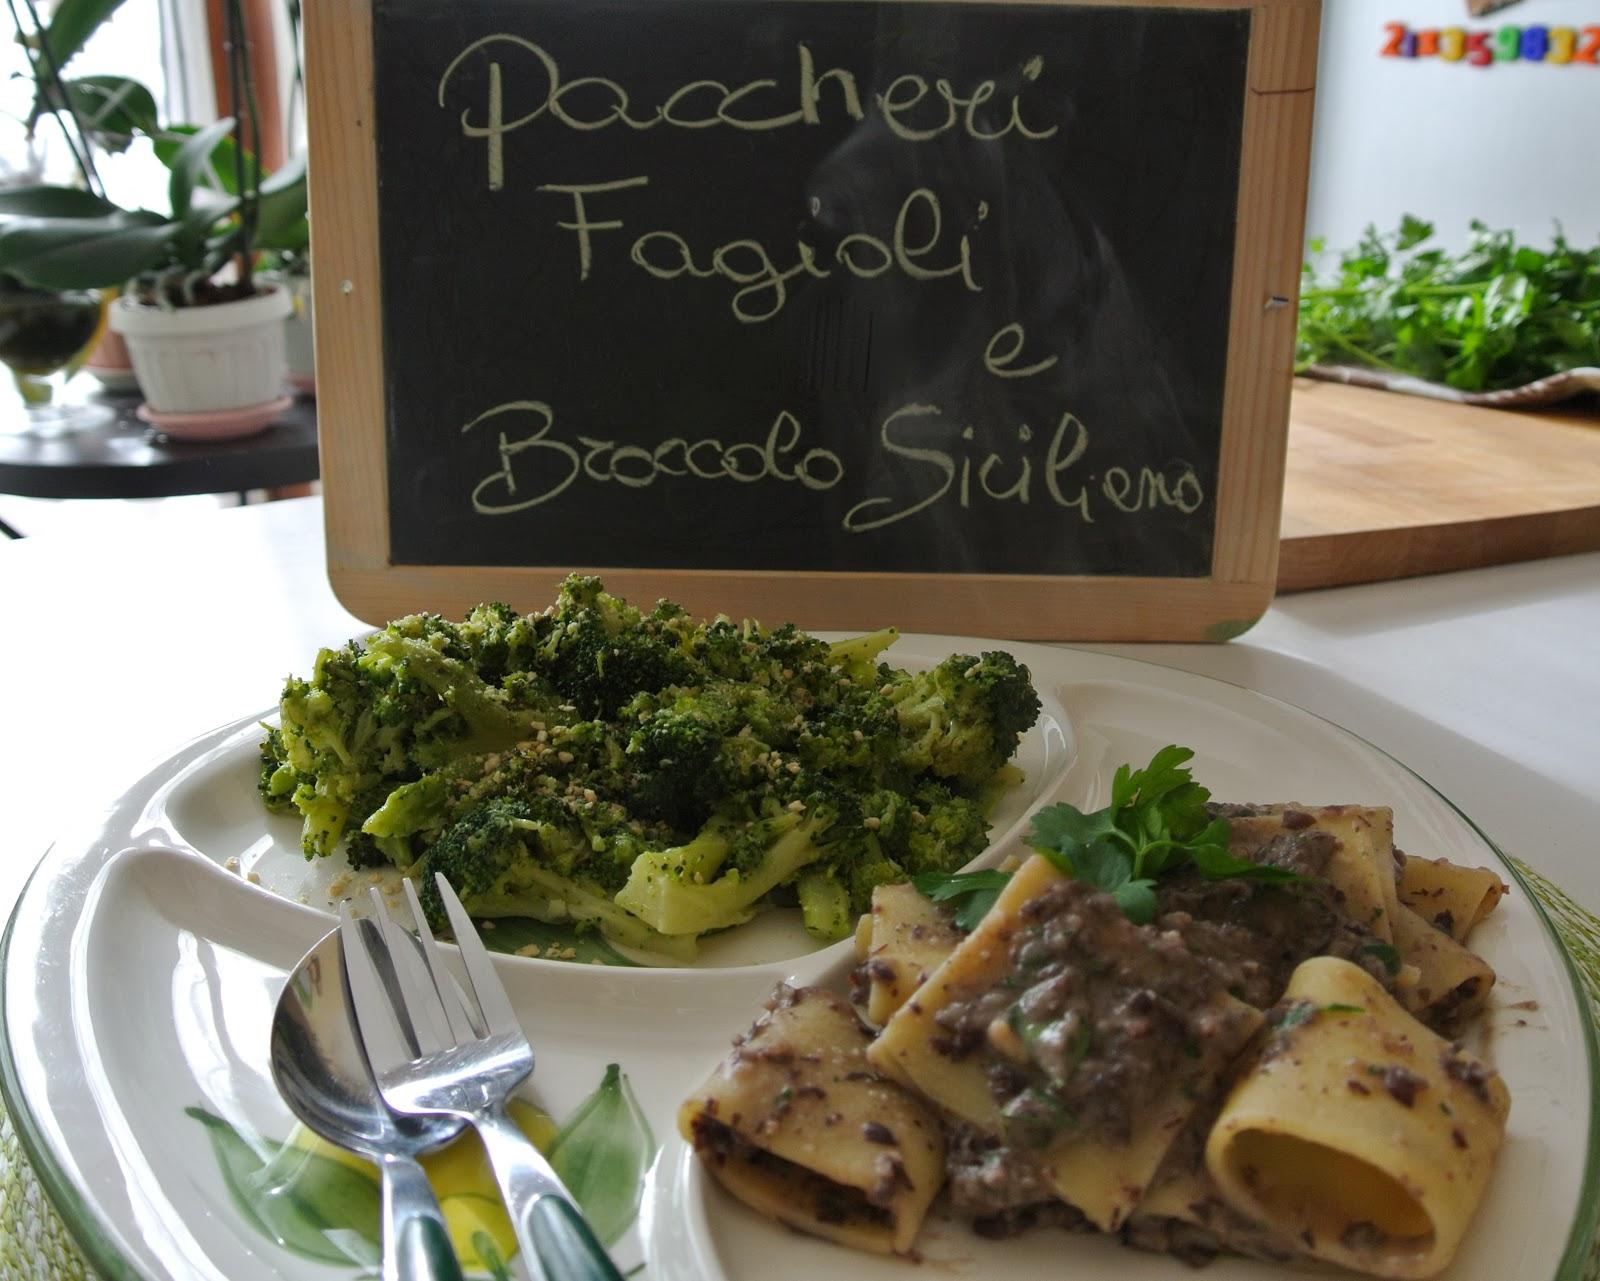 paccheri, fagioli azuki e broccoli siciliani